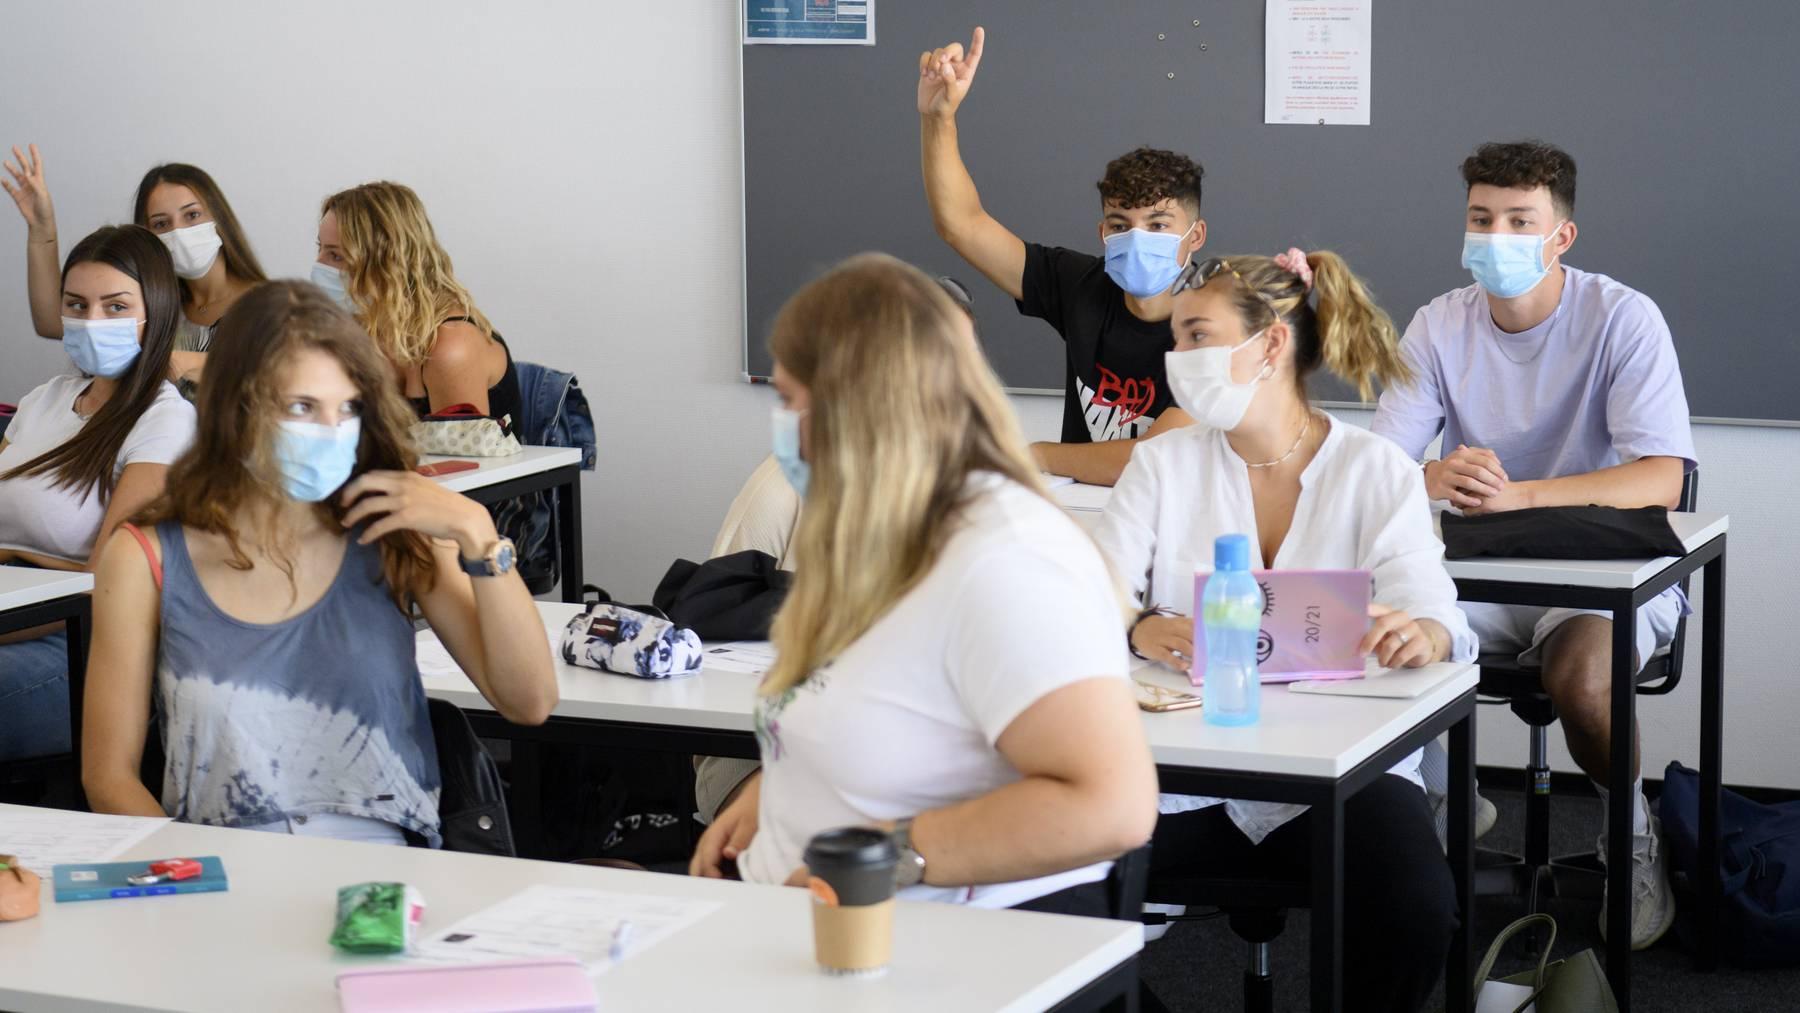 Auch in vielen Schulen gilt mittlerweile eine Maskenpflicht wegen dem Coronavirus.